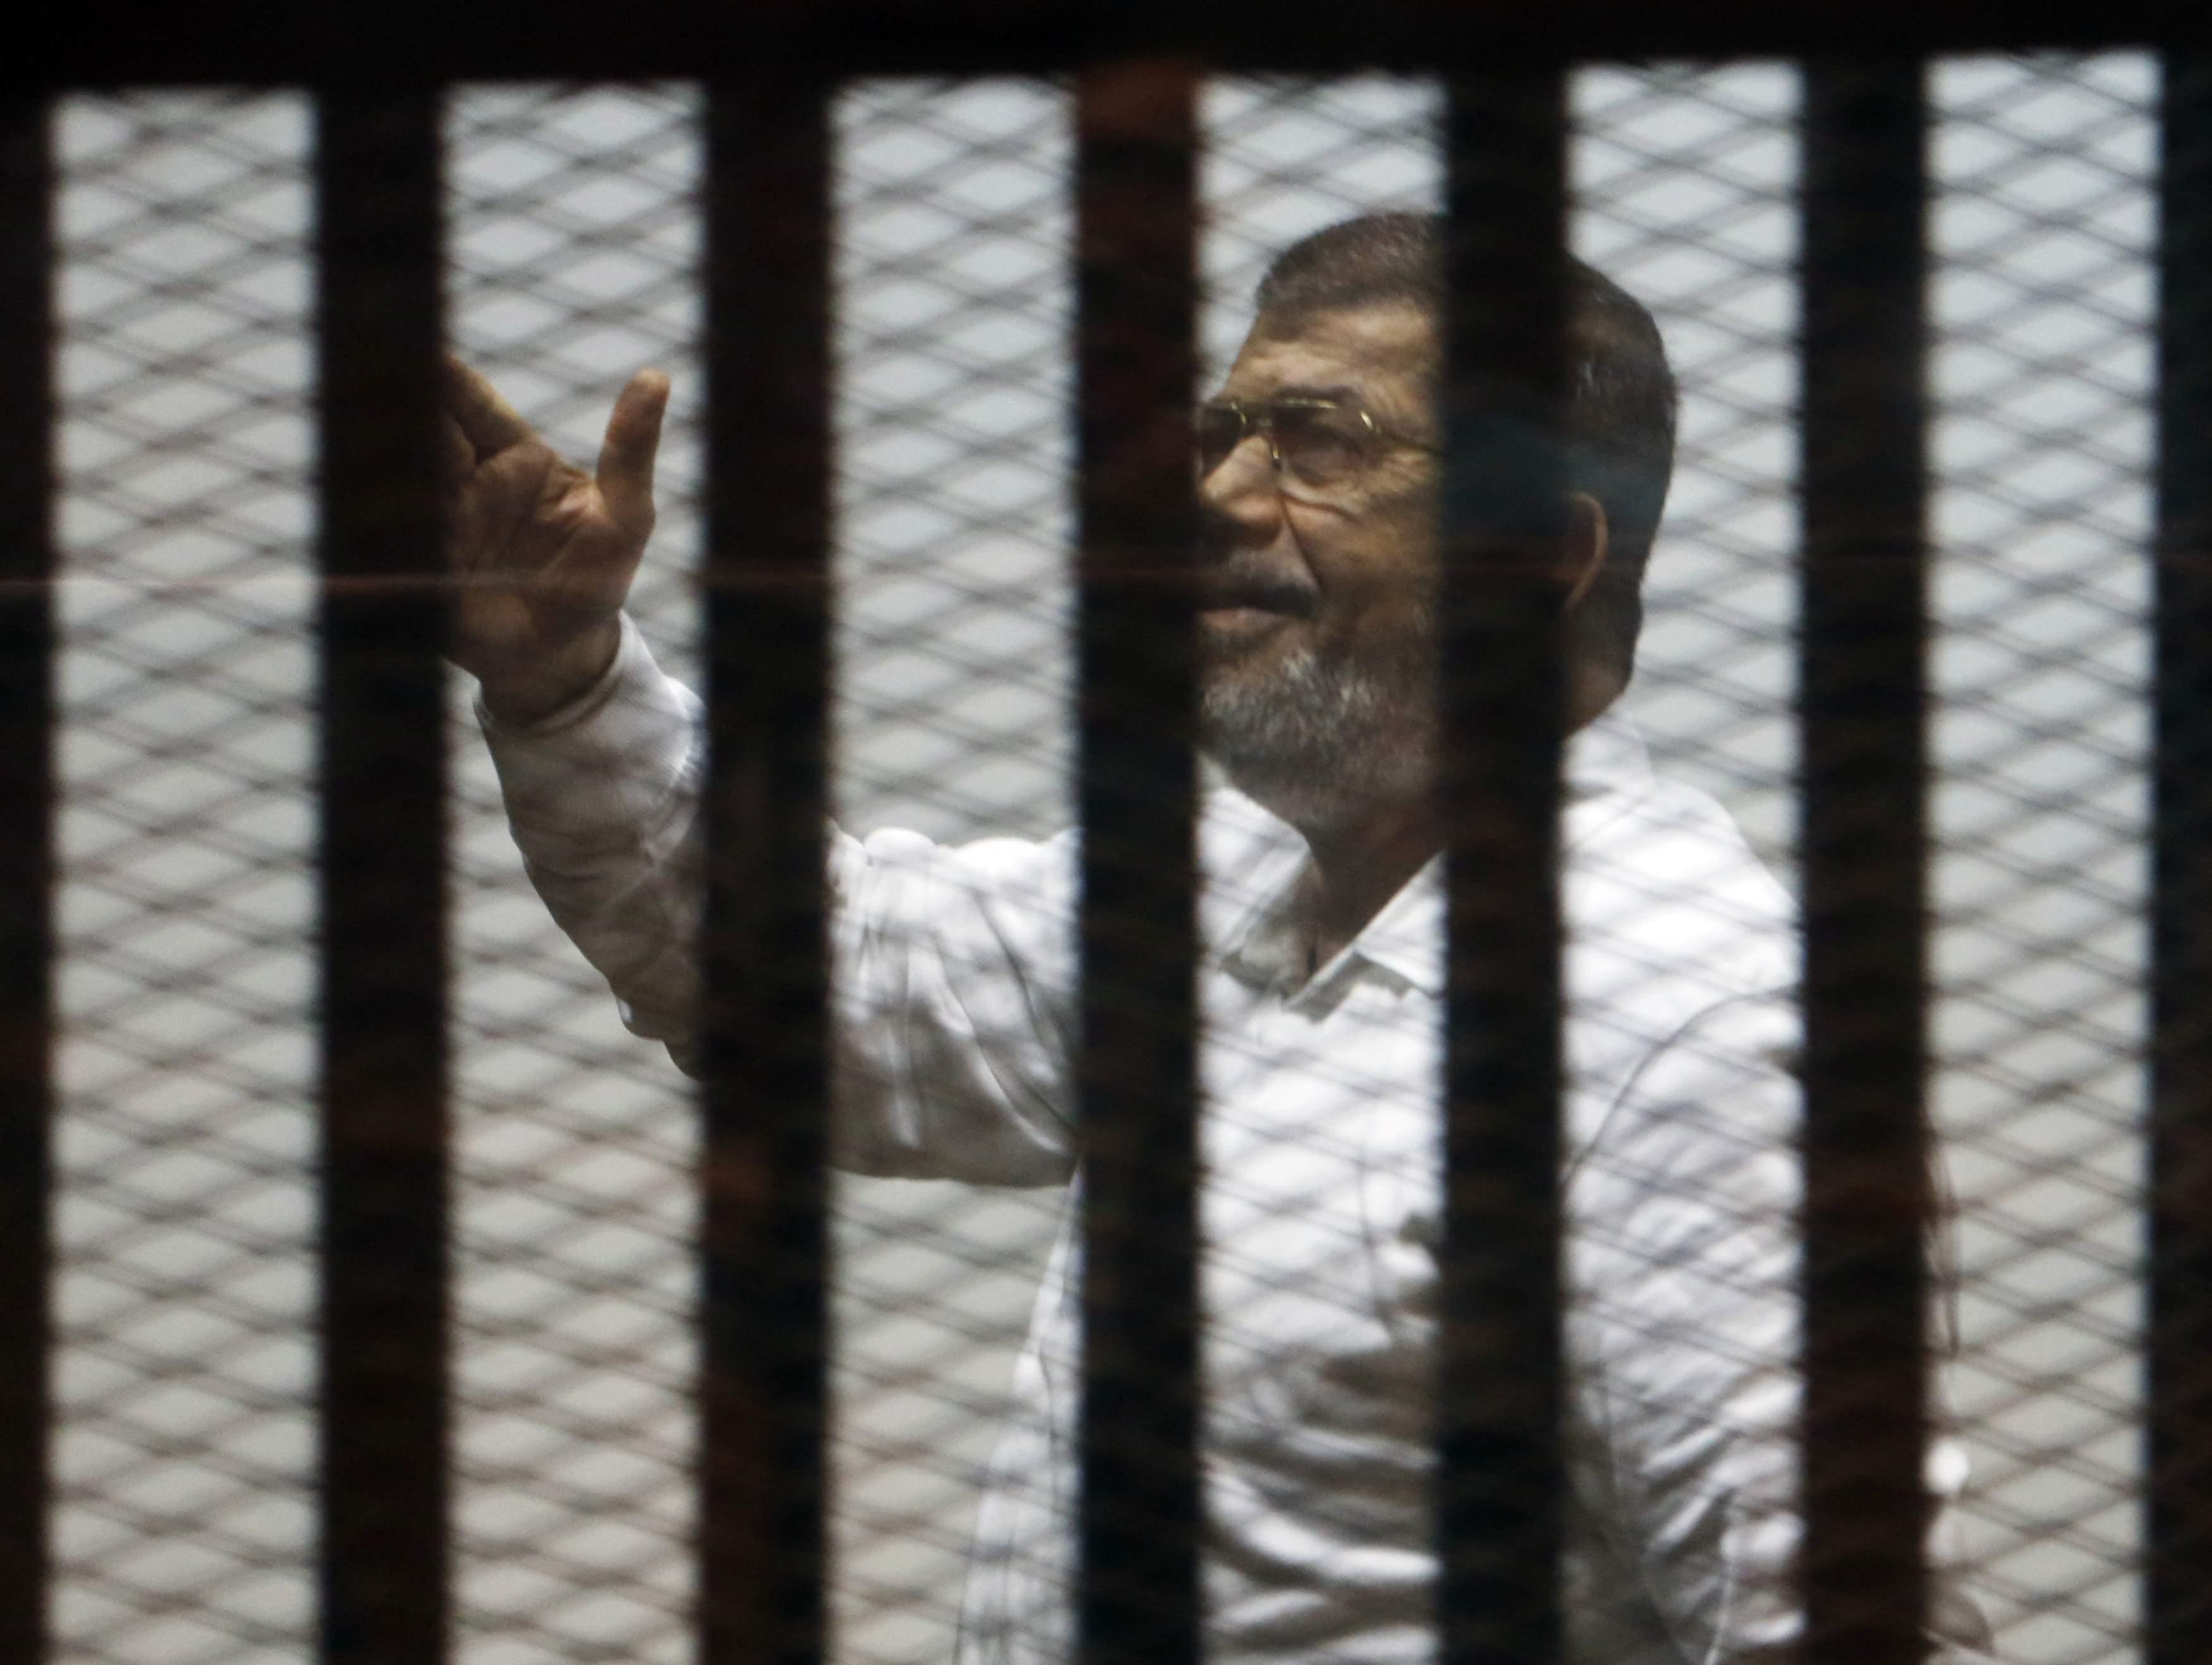 محكمة الجنايات تستمع إلى شهادة محمد مرسي في أحداث محاولة اقتحام سجن بورسعيد